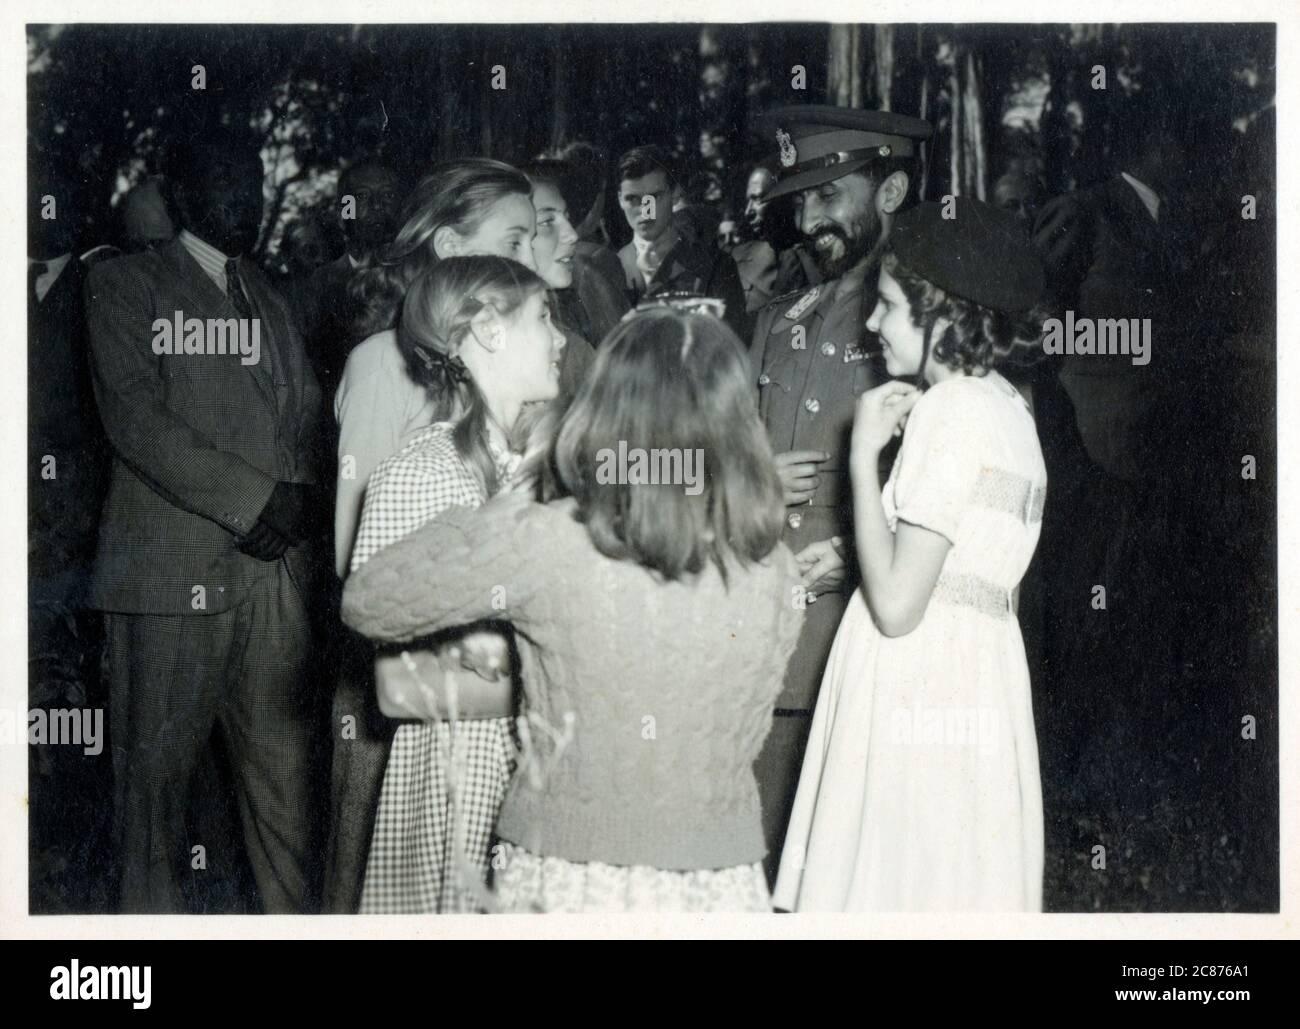 Haile Selassie I - Prince héritier et régent de l'Empire éthiopien (de 1916 à 1928), puis Roi et Régent (de 1928 à 1930), et enfin Empereur (de 1930 à 1974). Il est une figure déterminante dans l'histoire moderne de l'Éthiopie. Entouré de jeunes filles européennes lors d'une réception informelle. La photographie a été prise par le photographe de la Cour arménienne Haigaz Boyadjian Date: Vers les années 1930 Banque D'Images